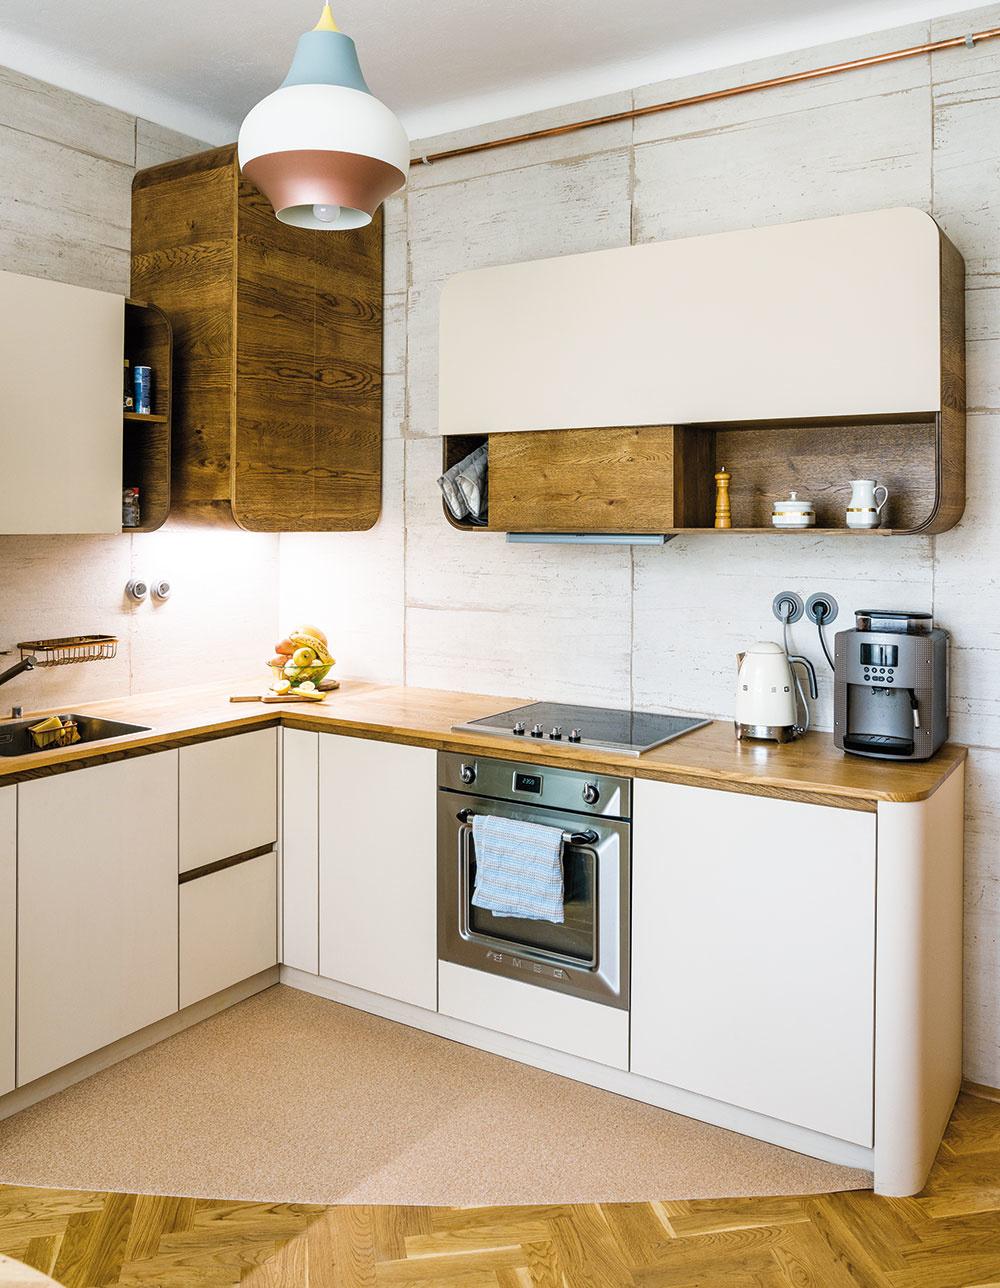 Pripomienka histórie. Pri návrhu novej kuchynskej linky sa Miriama inšpirovala štýlom art déco. Bol moderný v30. rokoch minulého storočia, kedy bytový dom postavili.